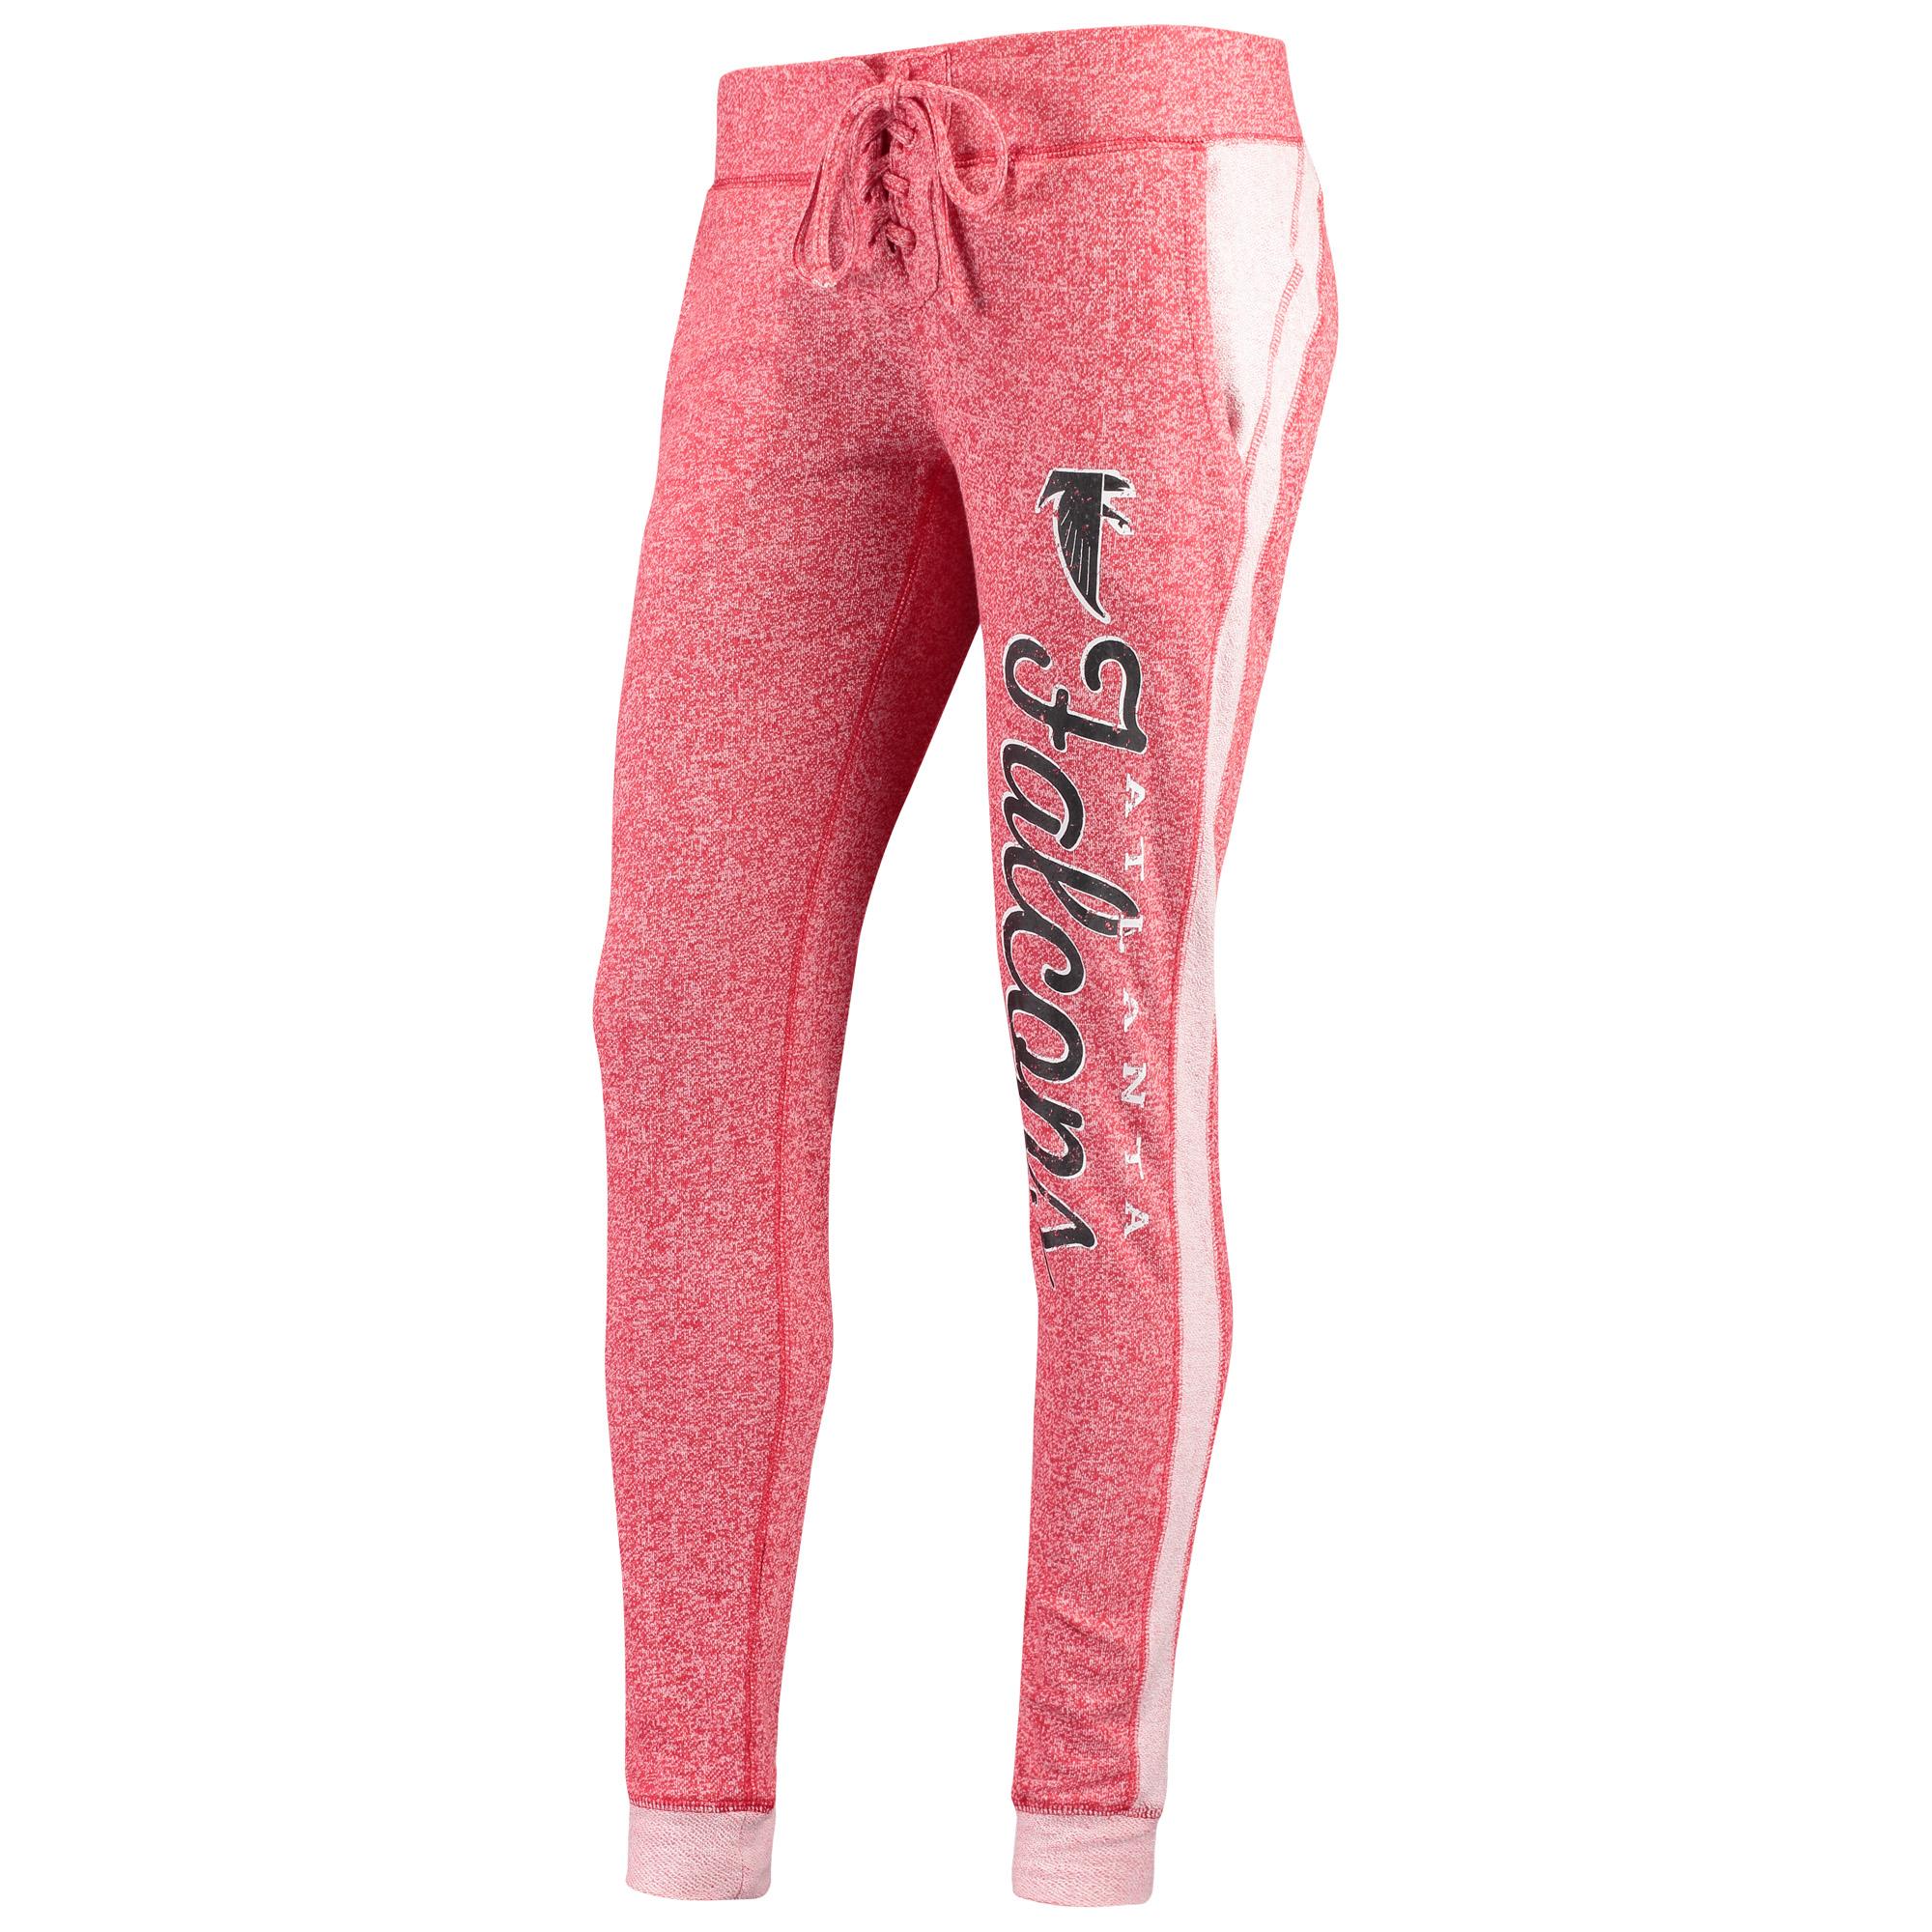 Atlanta Falcons Concepts Sport Women's Walk Off Pants - Red